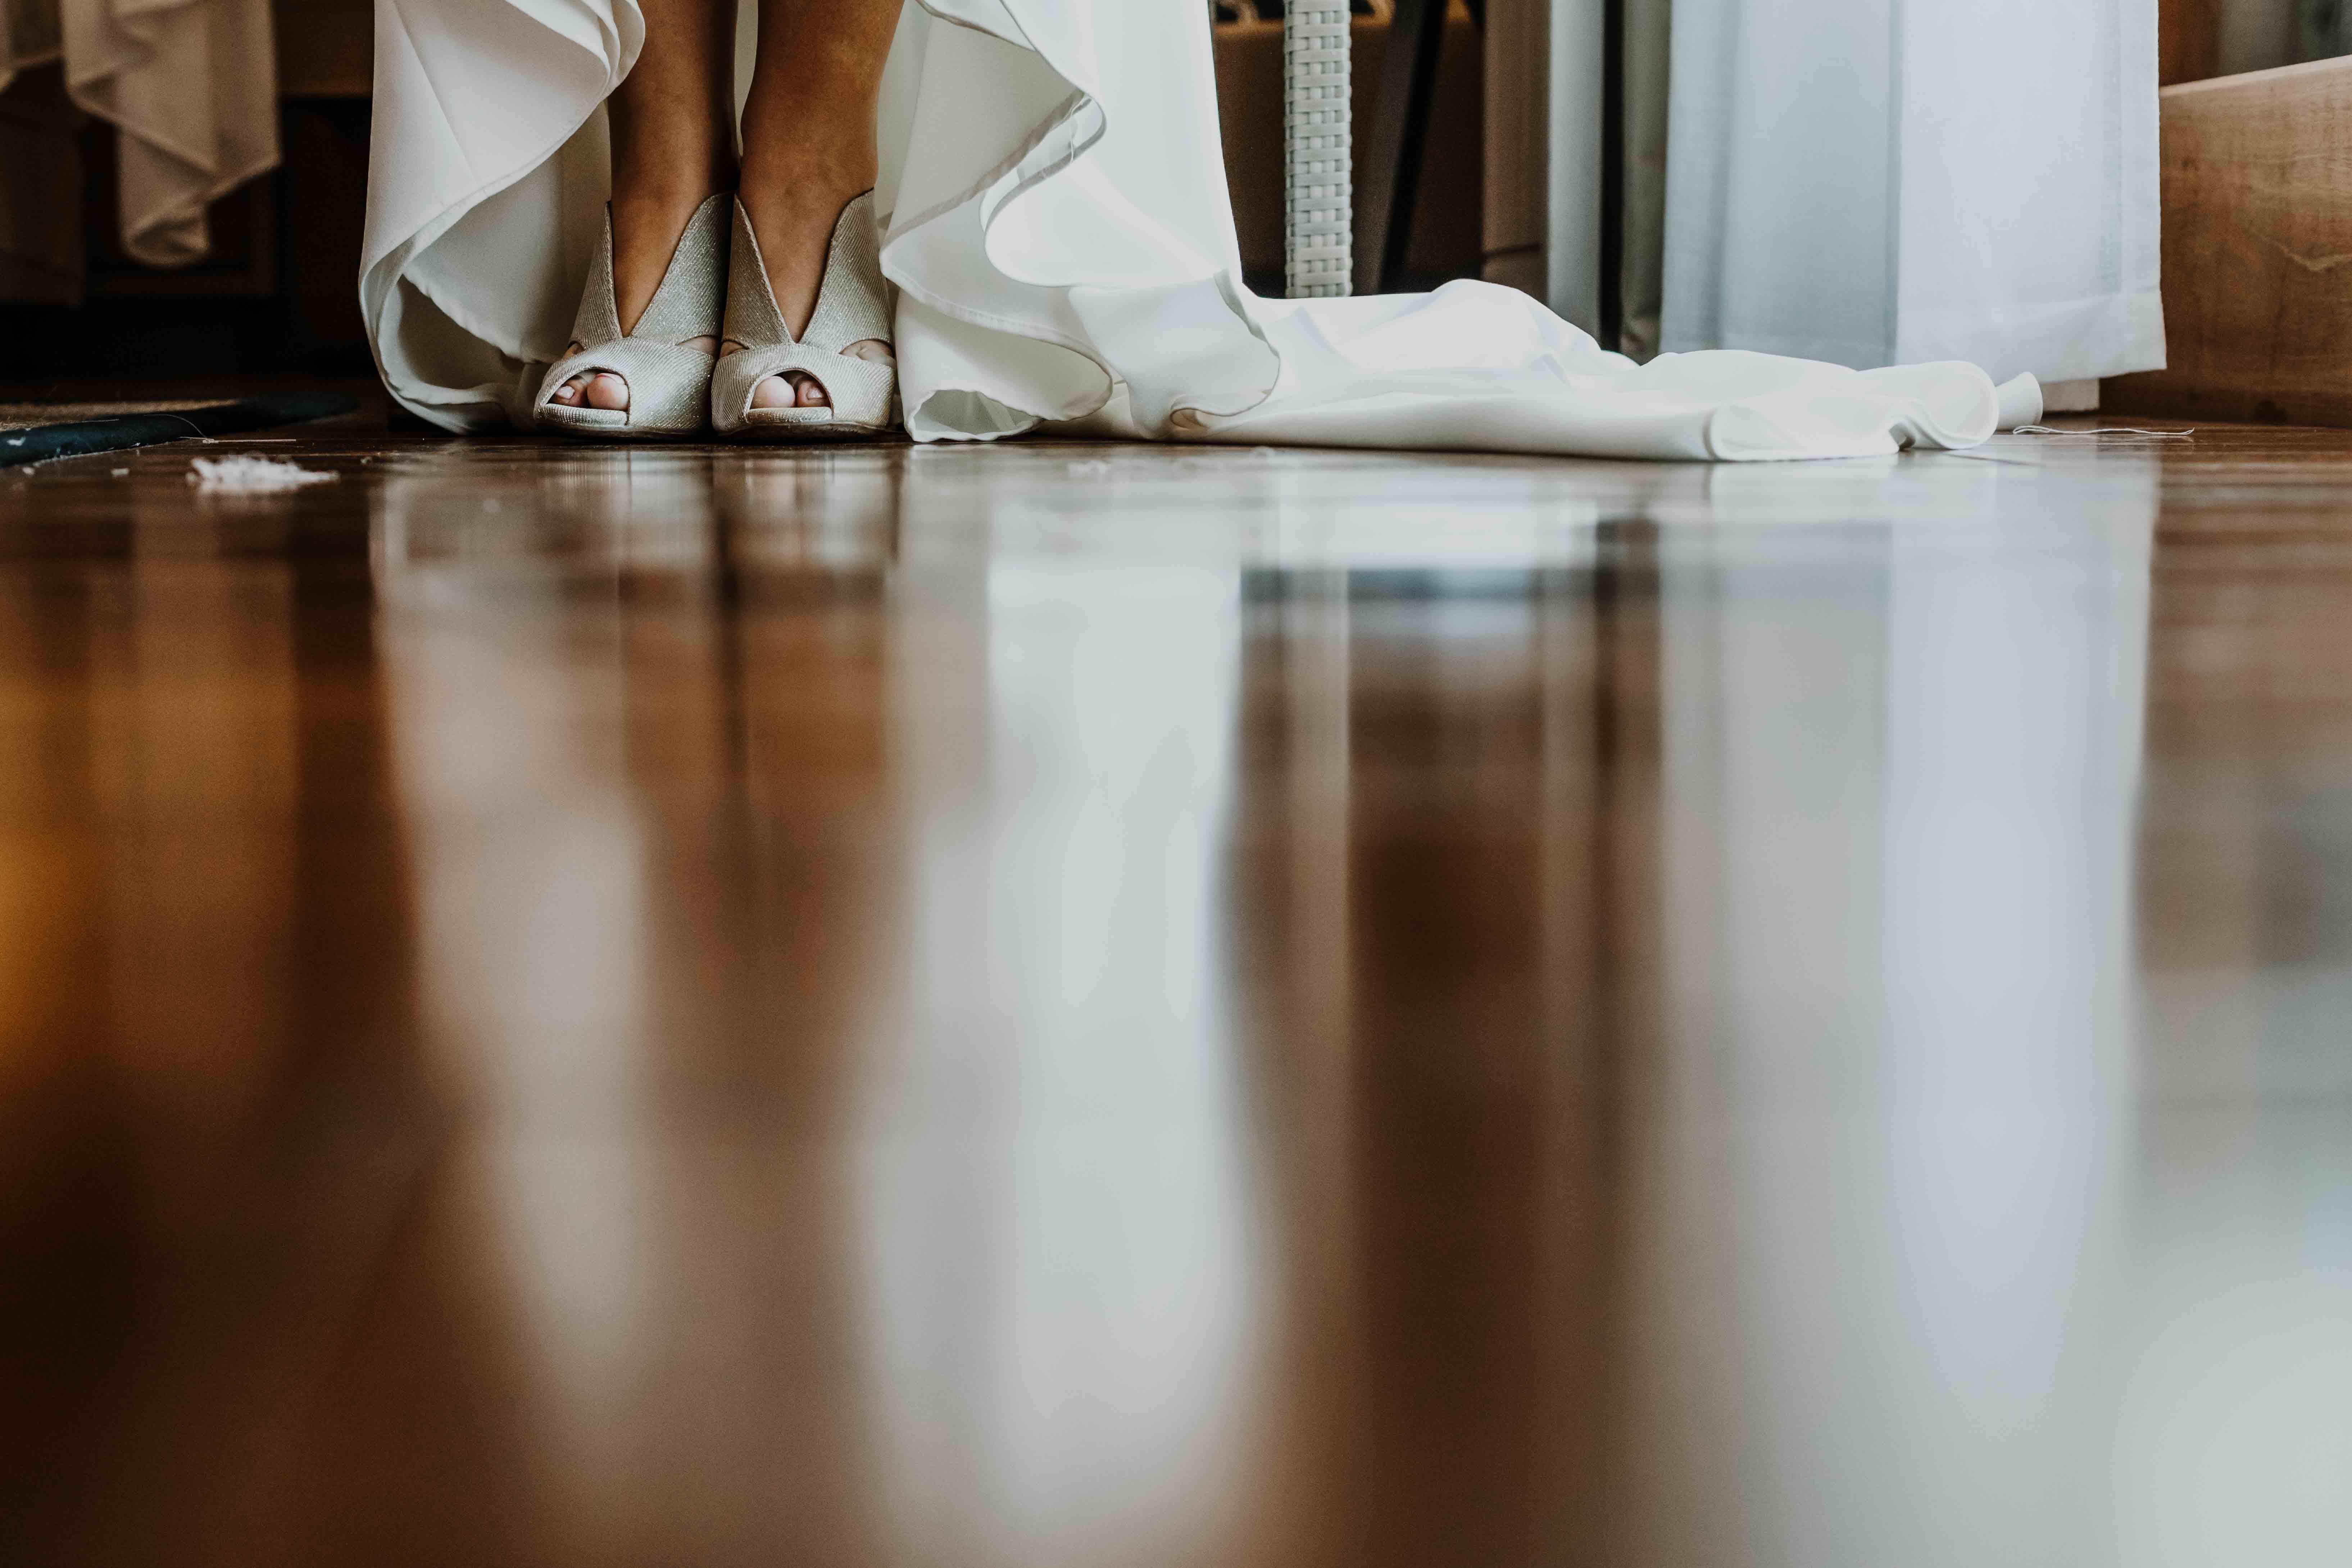 détail des chaussures de la mariée, reflet dans le parquet